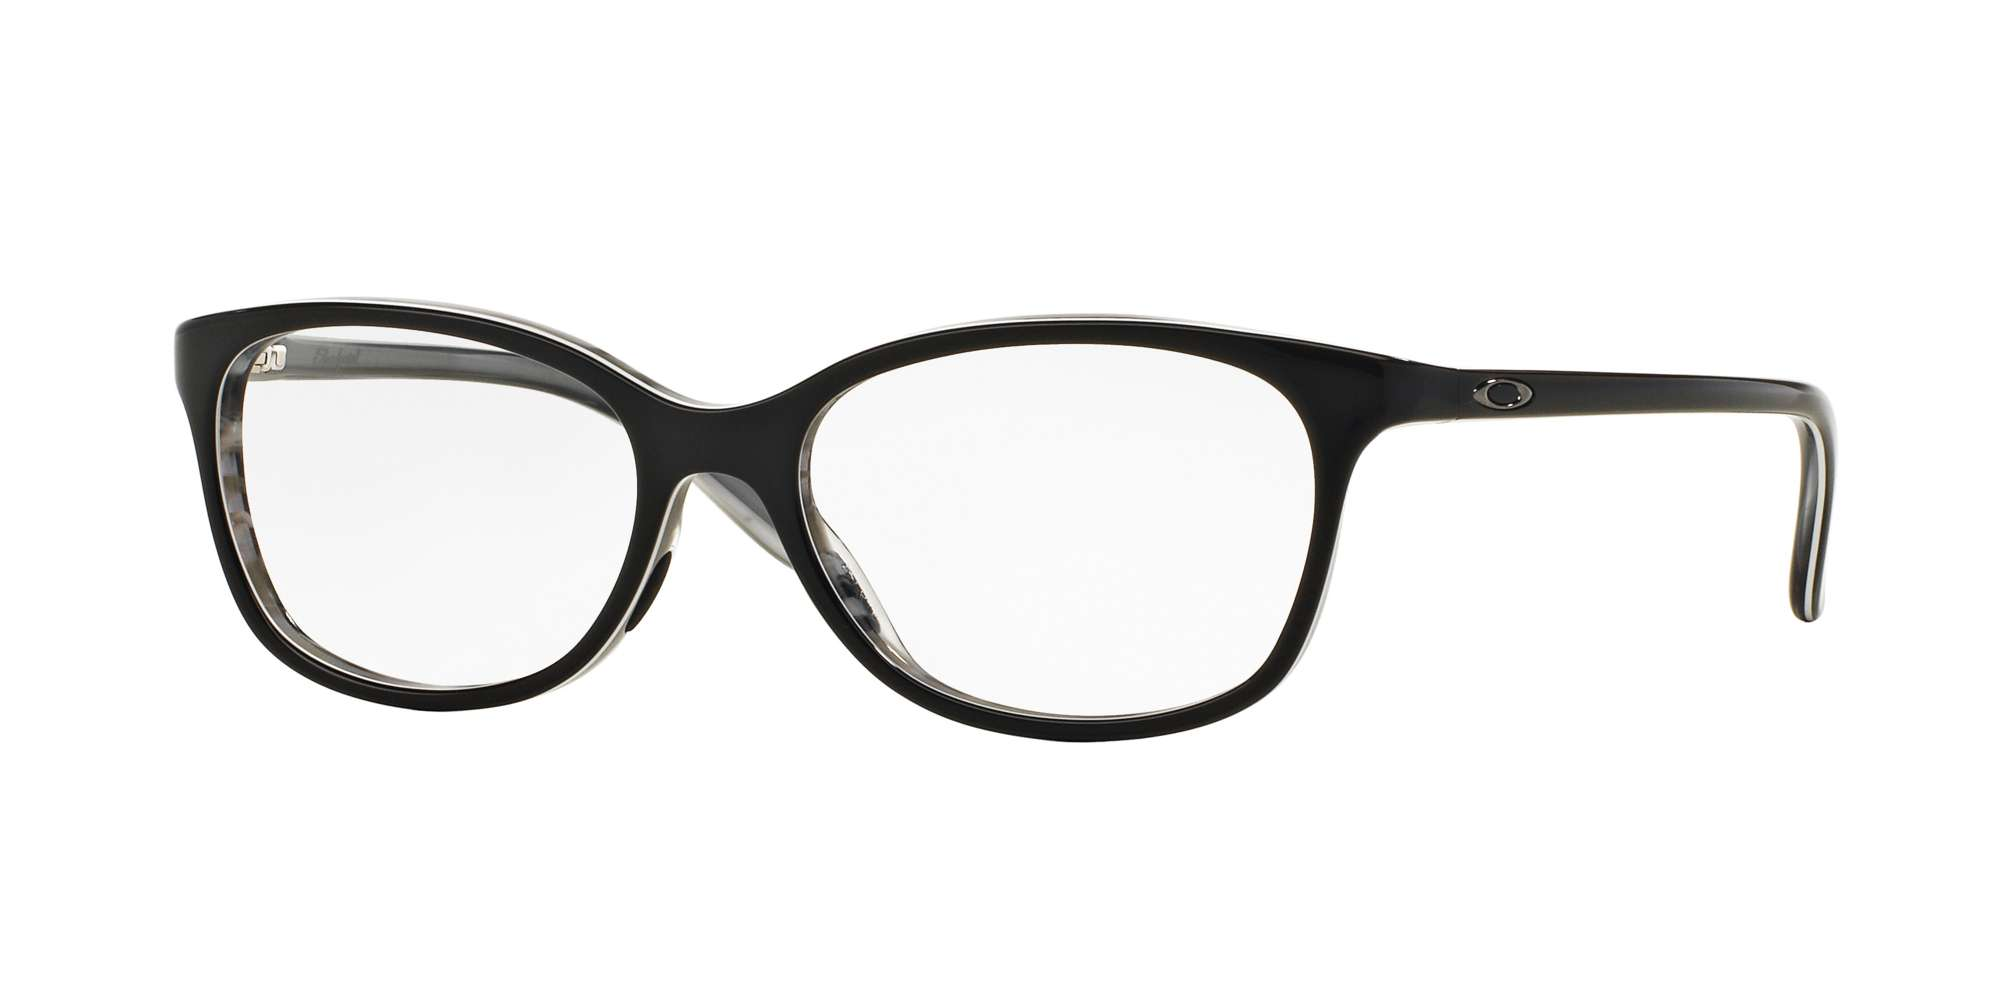 BANDED BLACK / CLEAR lenses